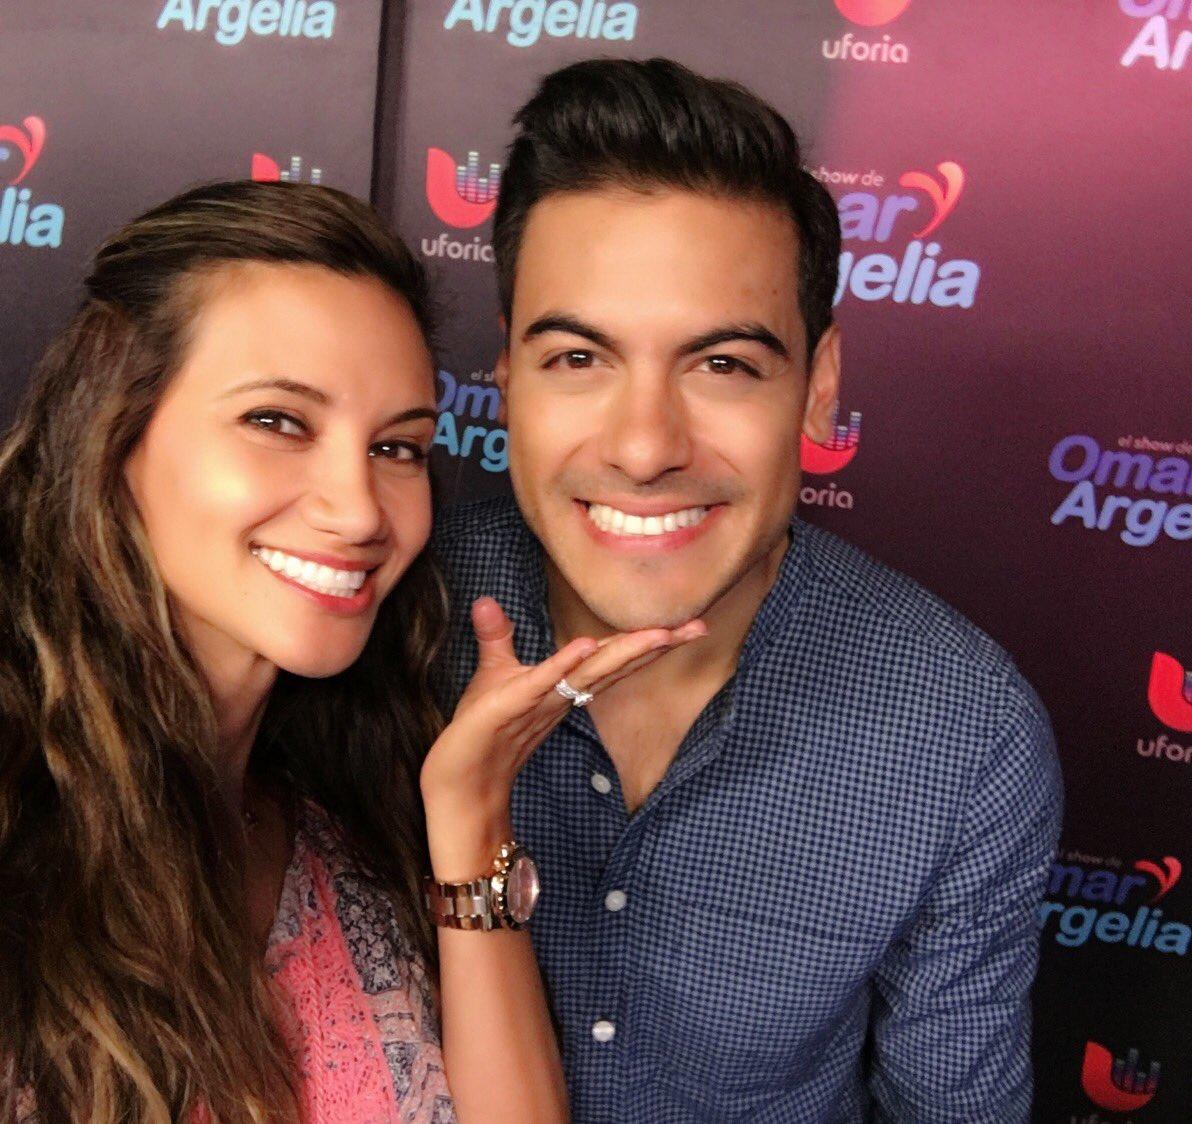 ¡Chicas! Esta linda carita de @_CarlosRivera merece una 'selfie' HOY más que nunca. ❤️  #nationalselfieday #yocreo https://t.co/l4fCdZjV2V